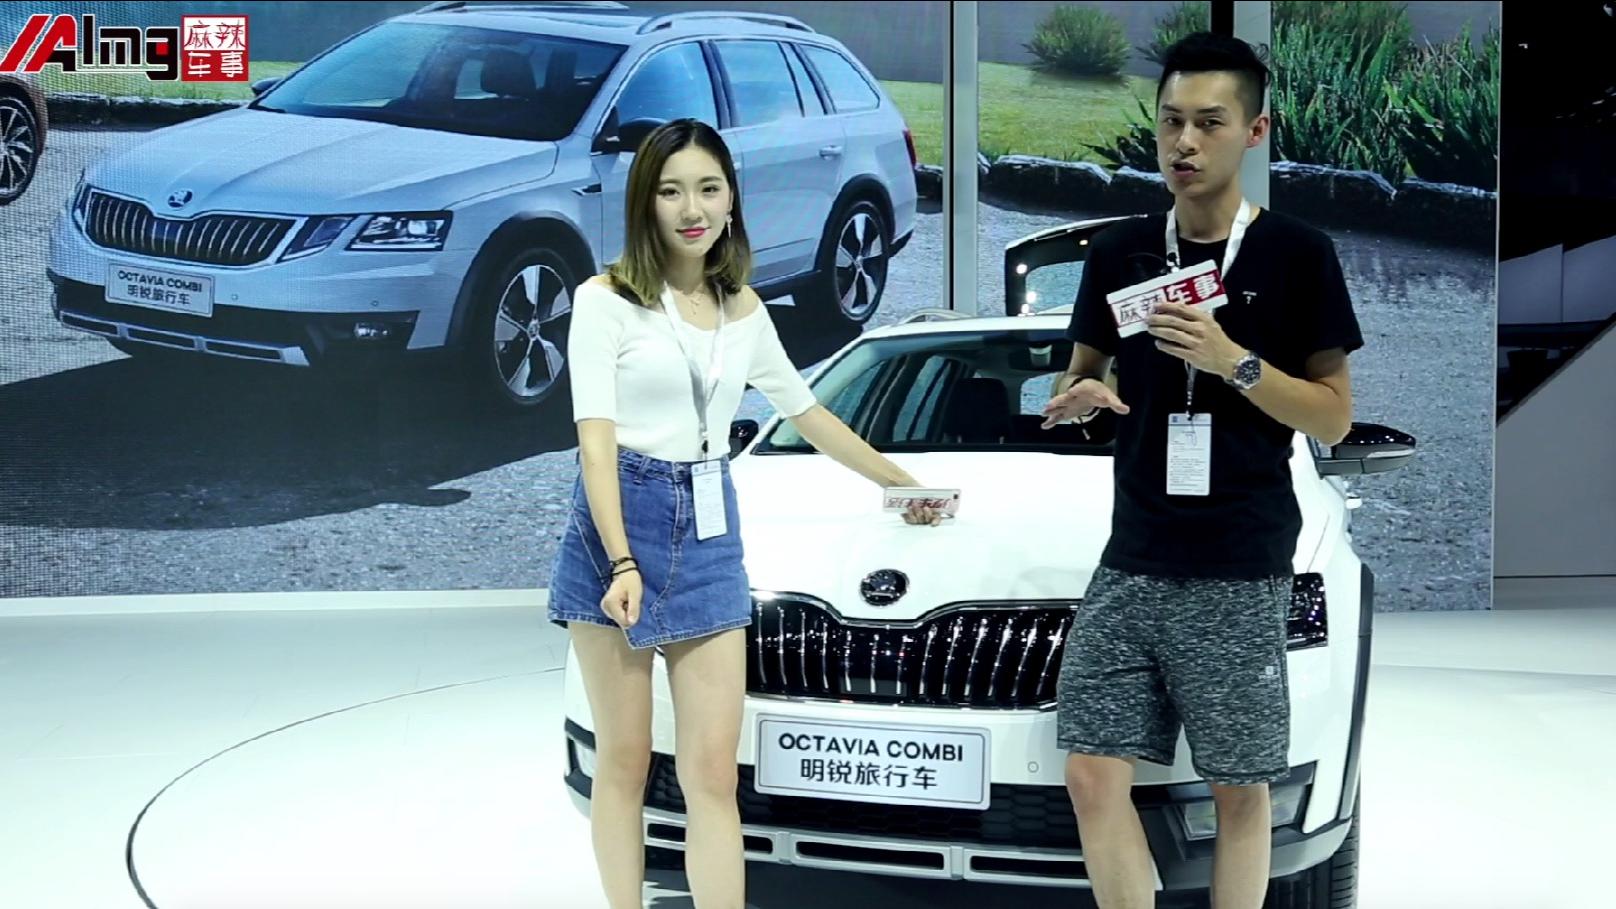 第二十届成都国际汽车展览会斯柯达明锐旅行